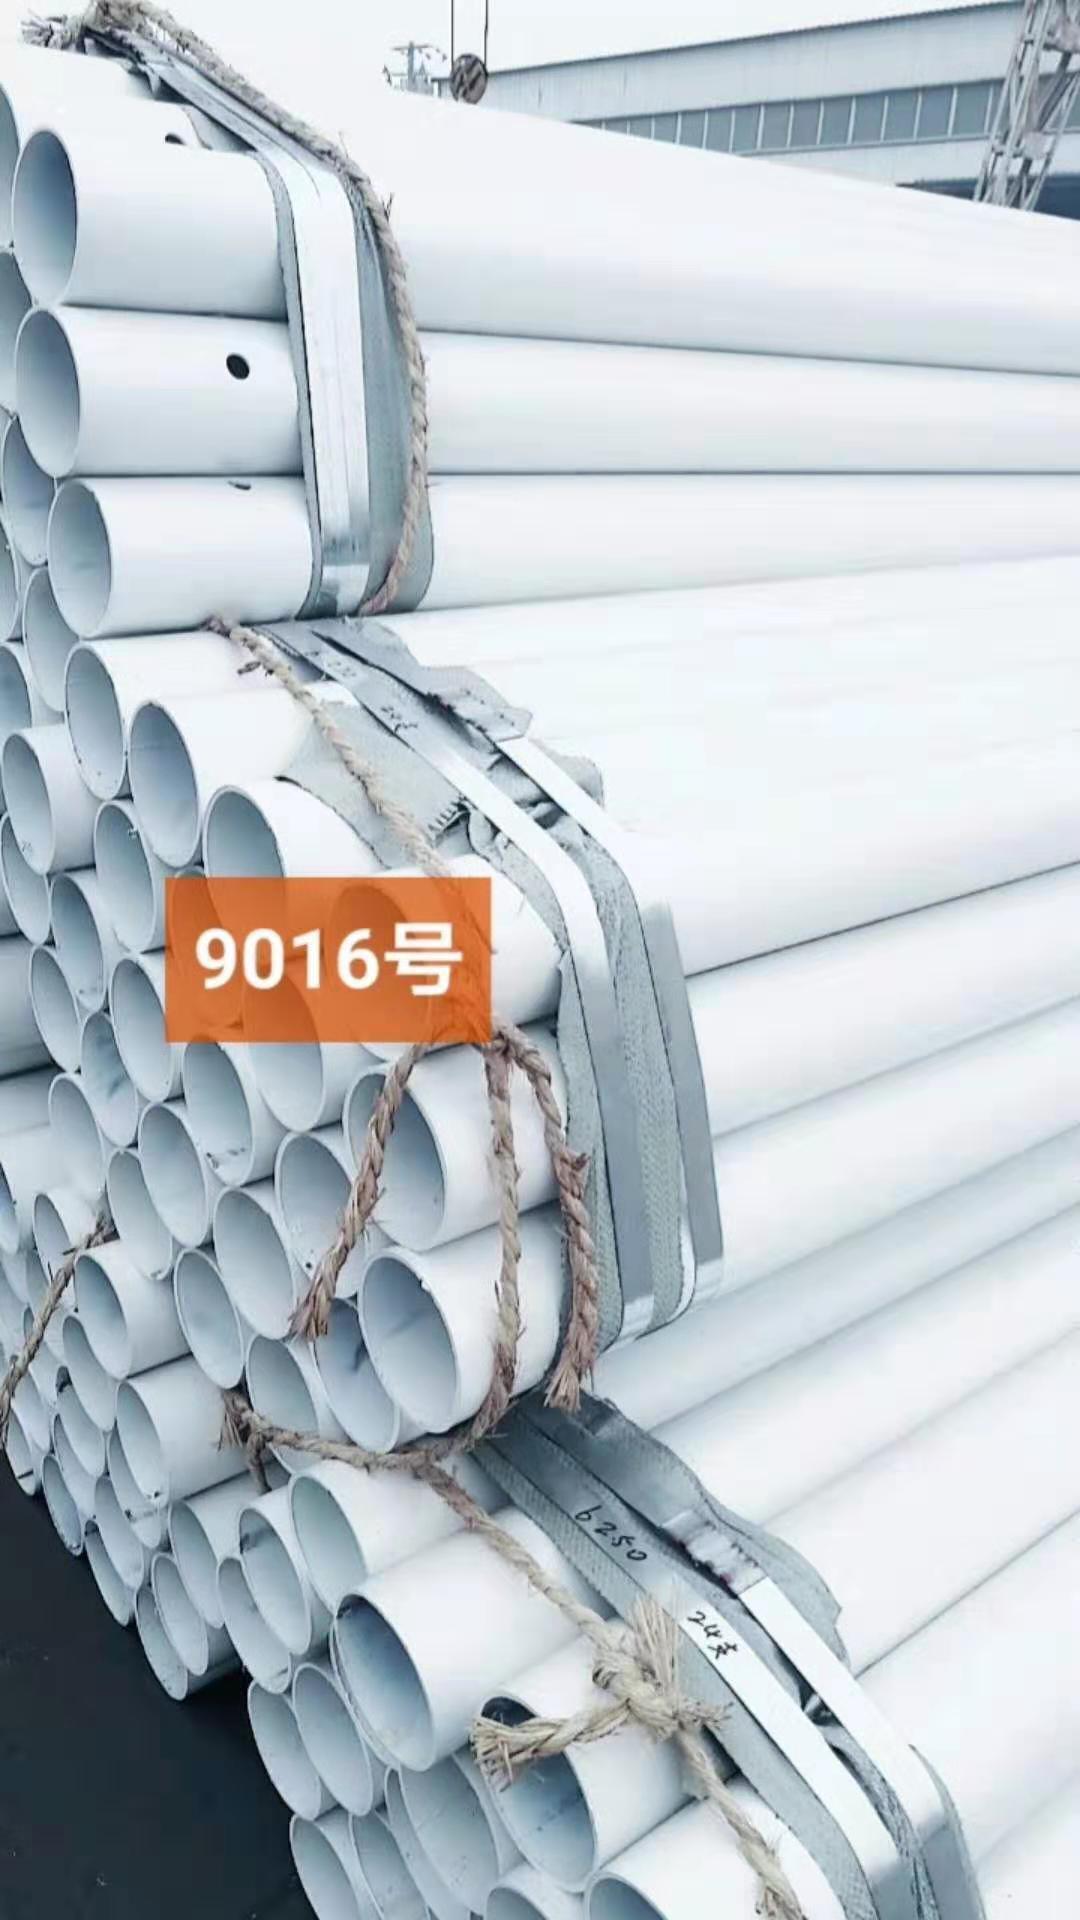 安徽省宿州市波形护栏板回收利用